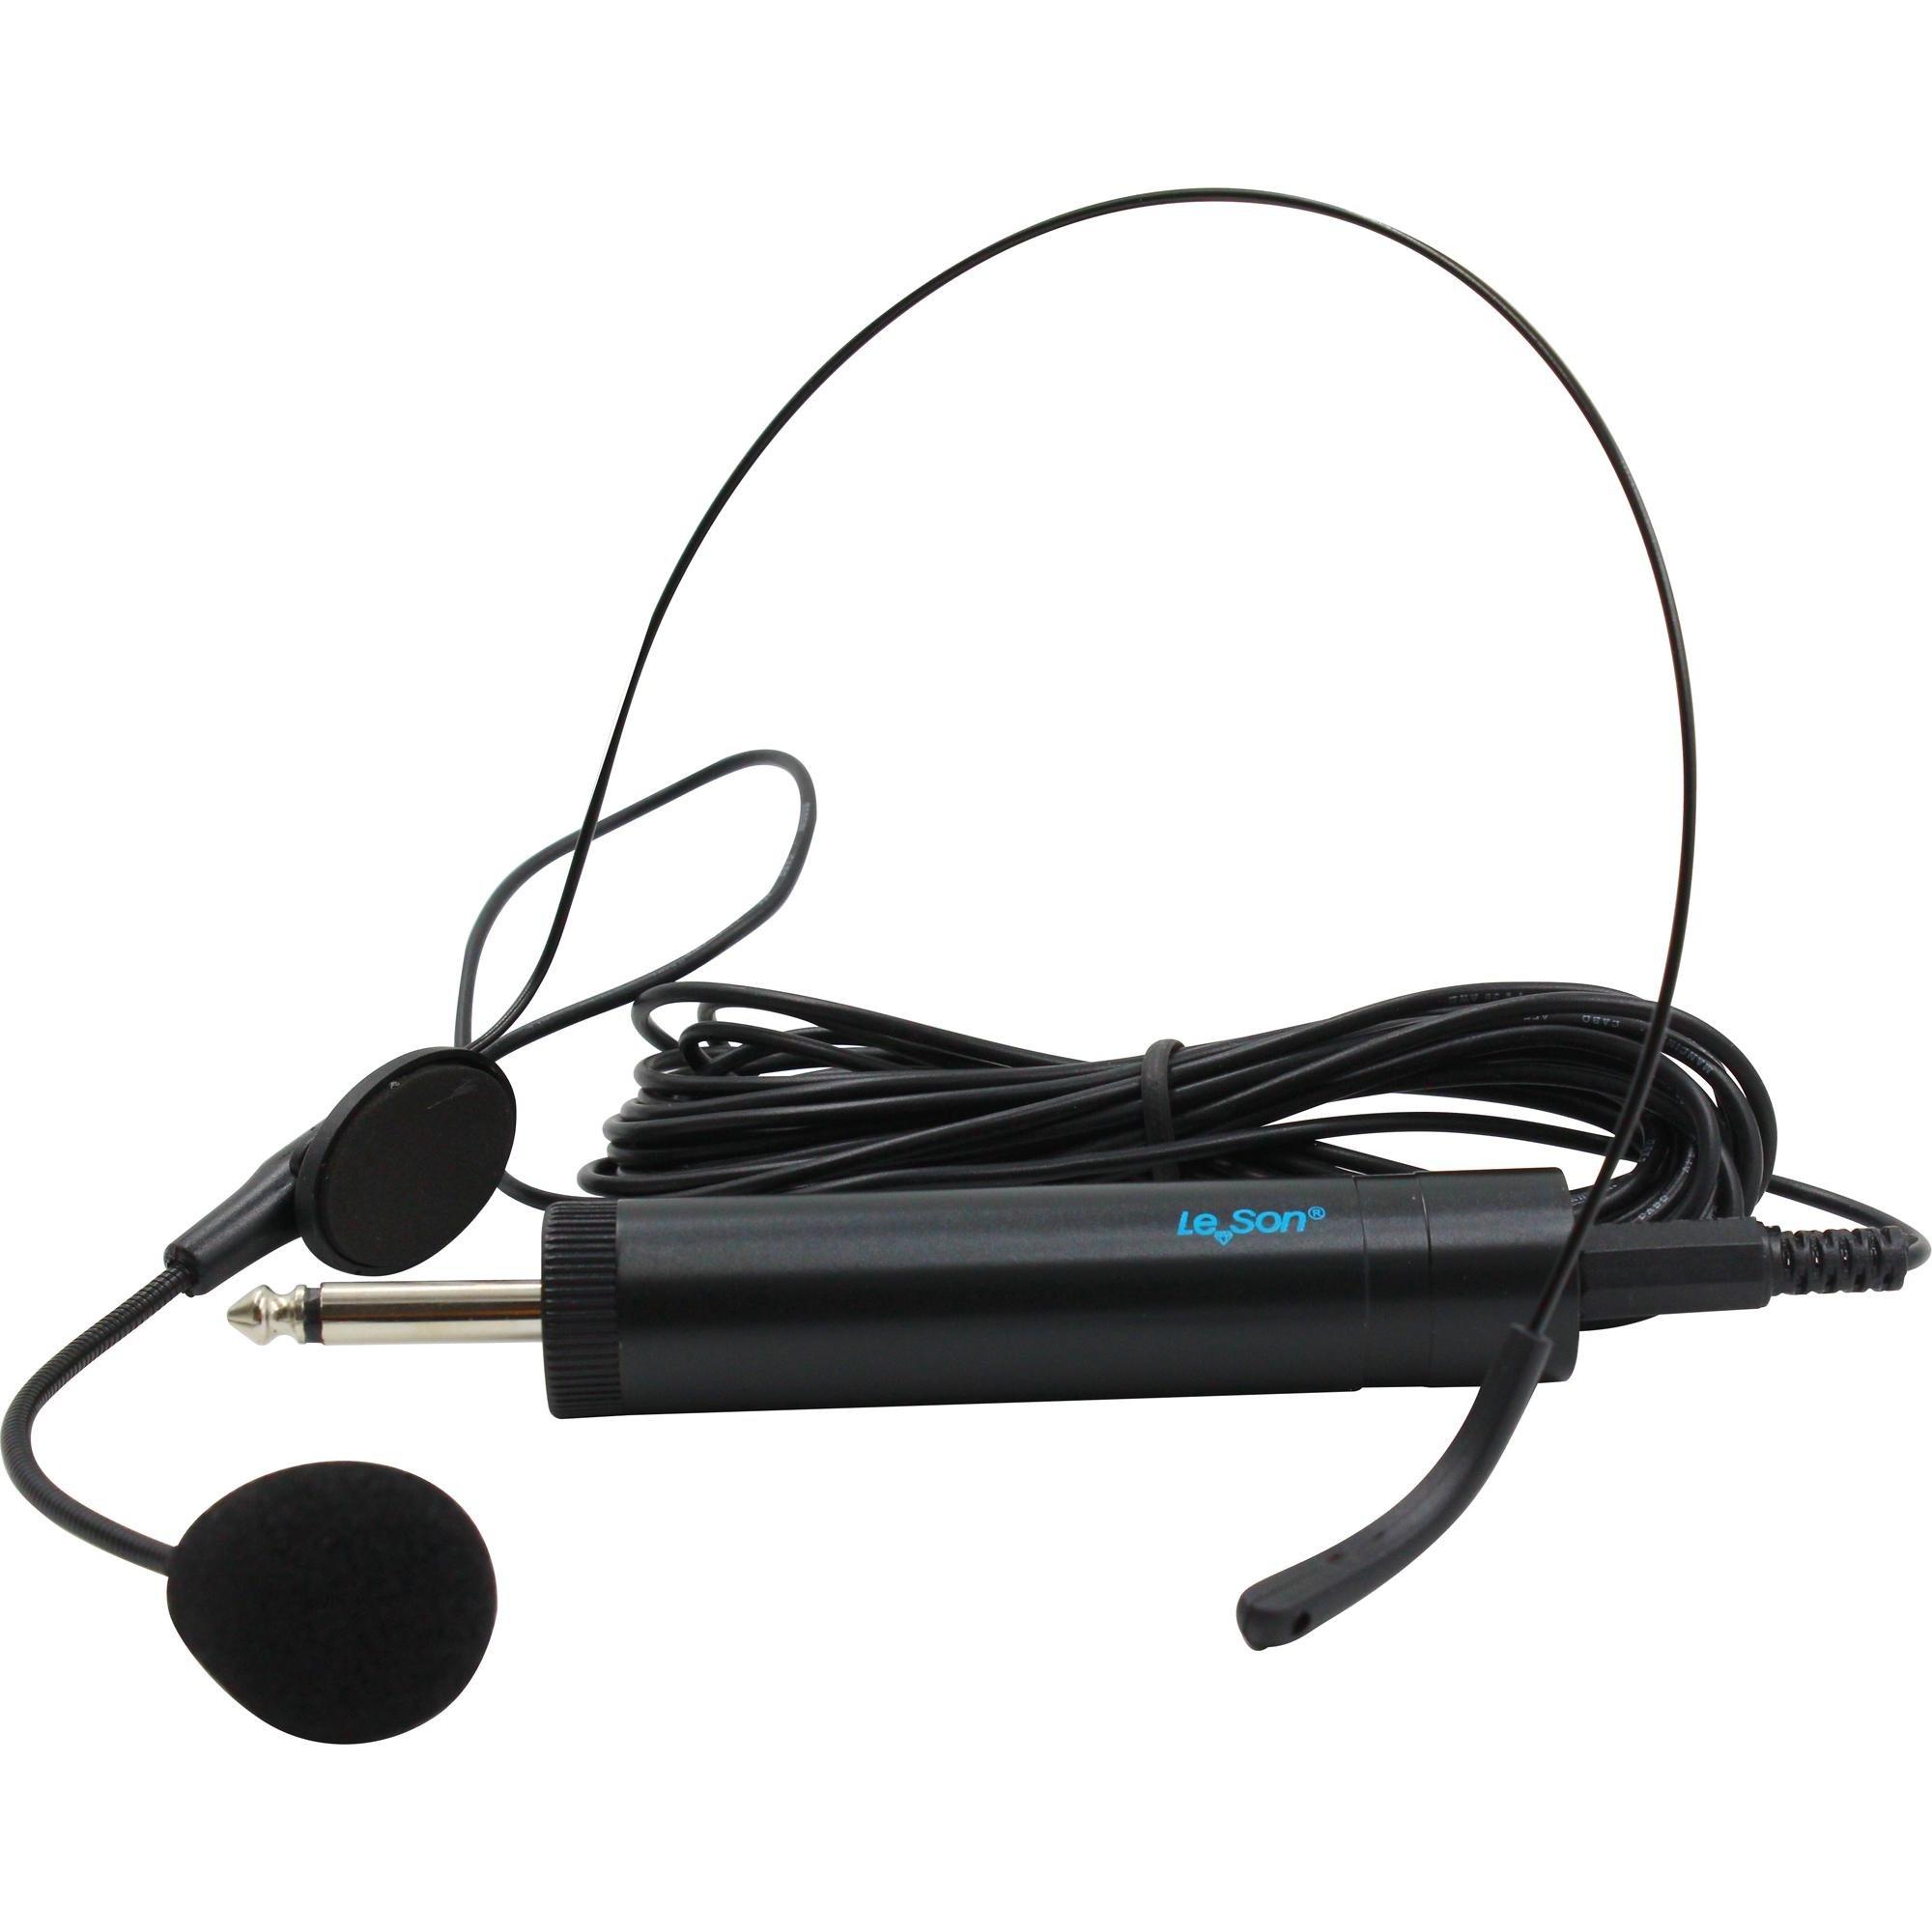 Microfone Headset com Fio HD 750R Preto LESON